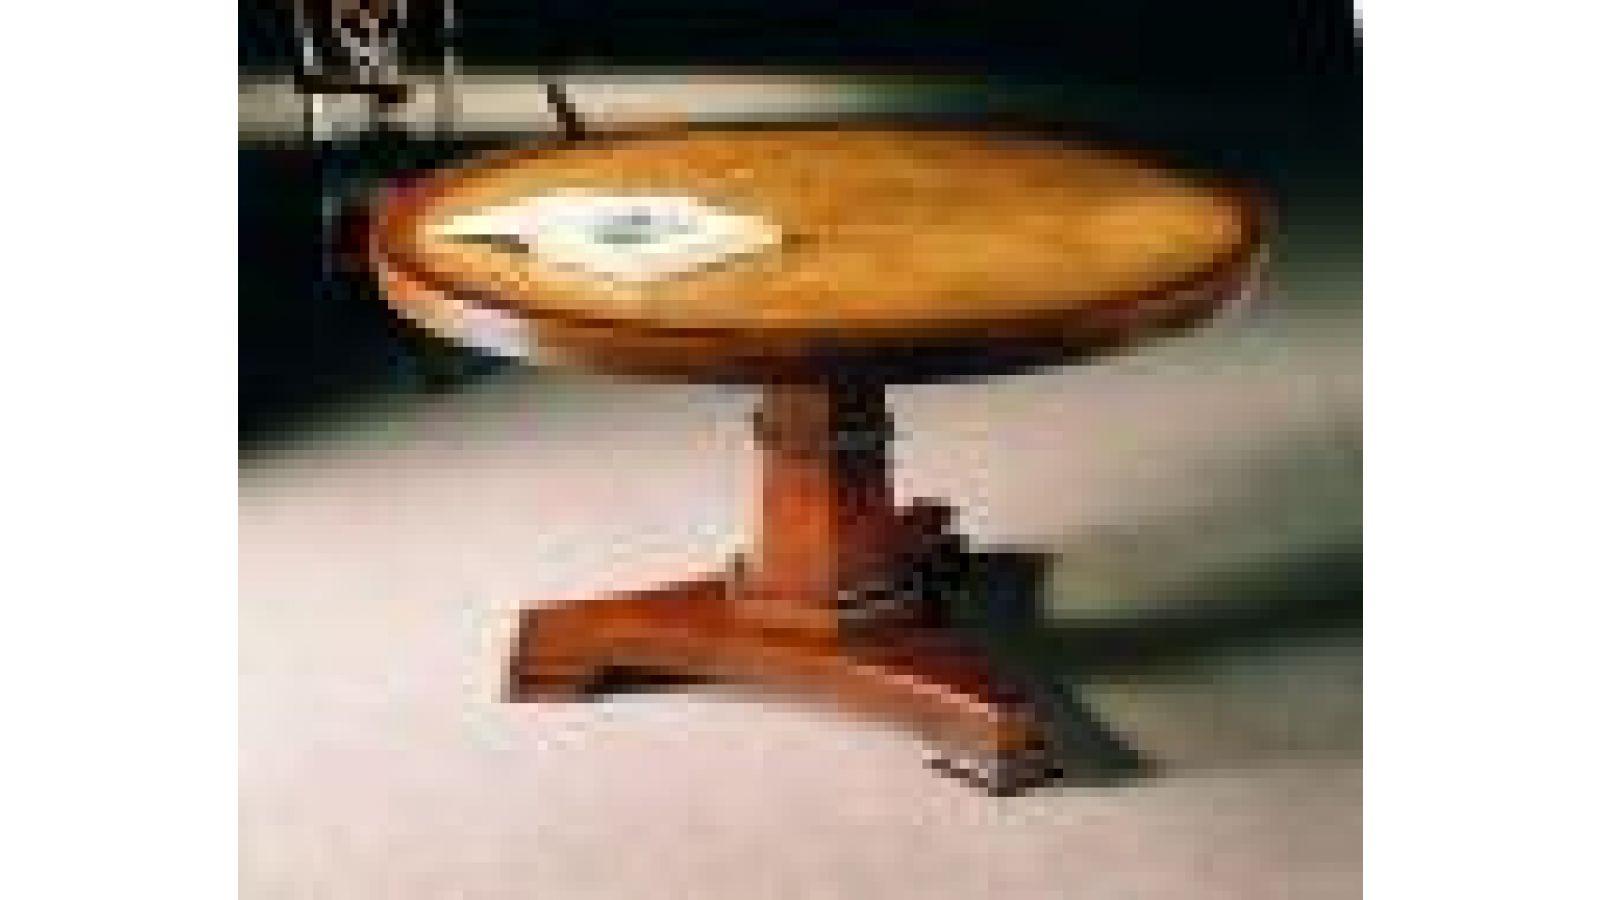 2075RM & 2075RMV - Early 19th century-style mahoga